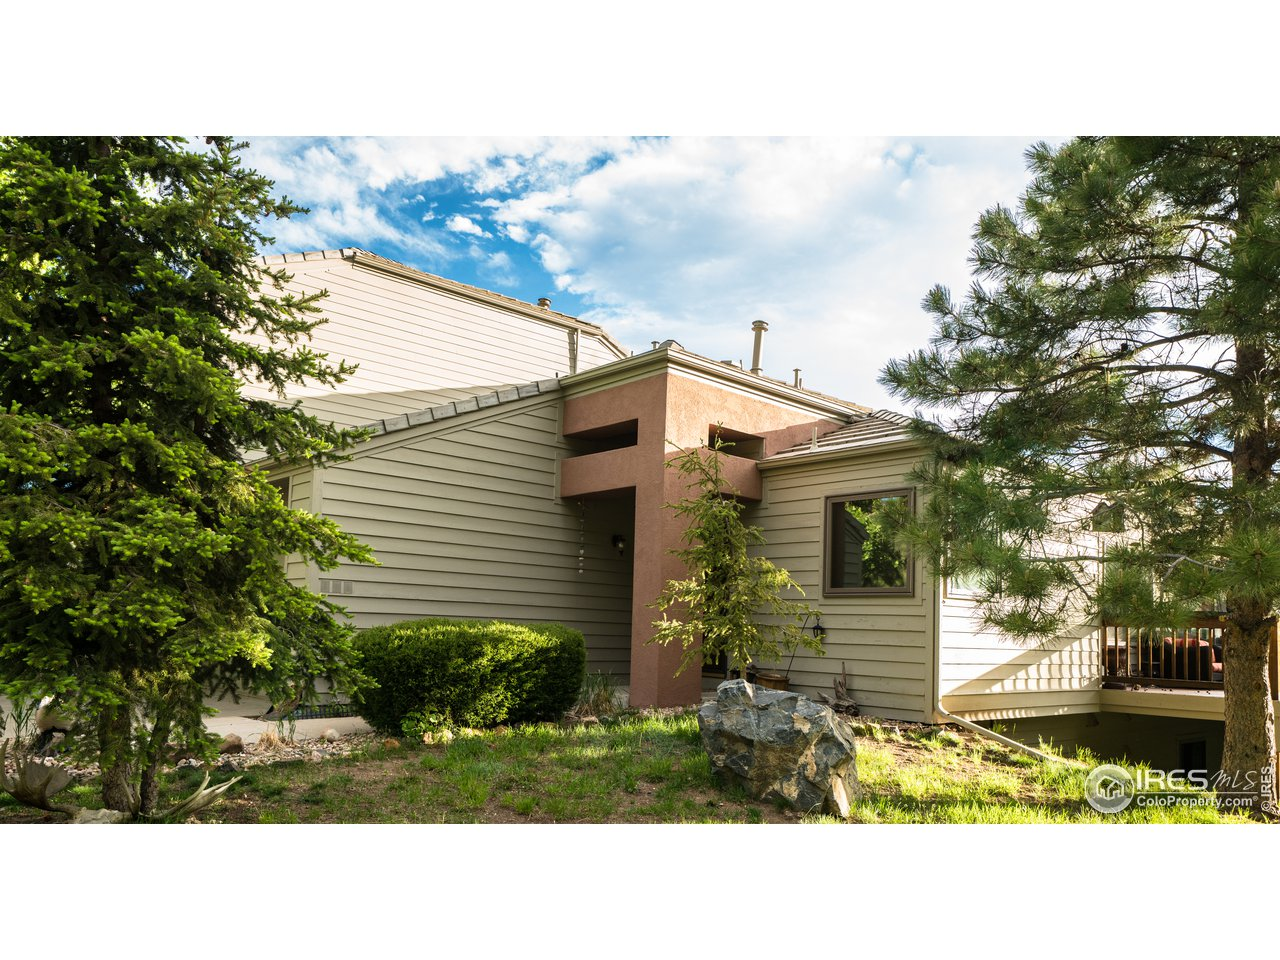 780 Chimney Creek Dr, Golden CO 80401